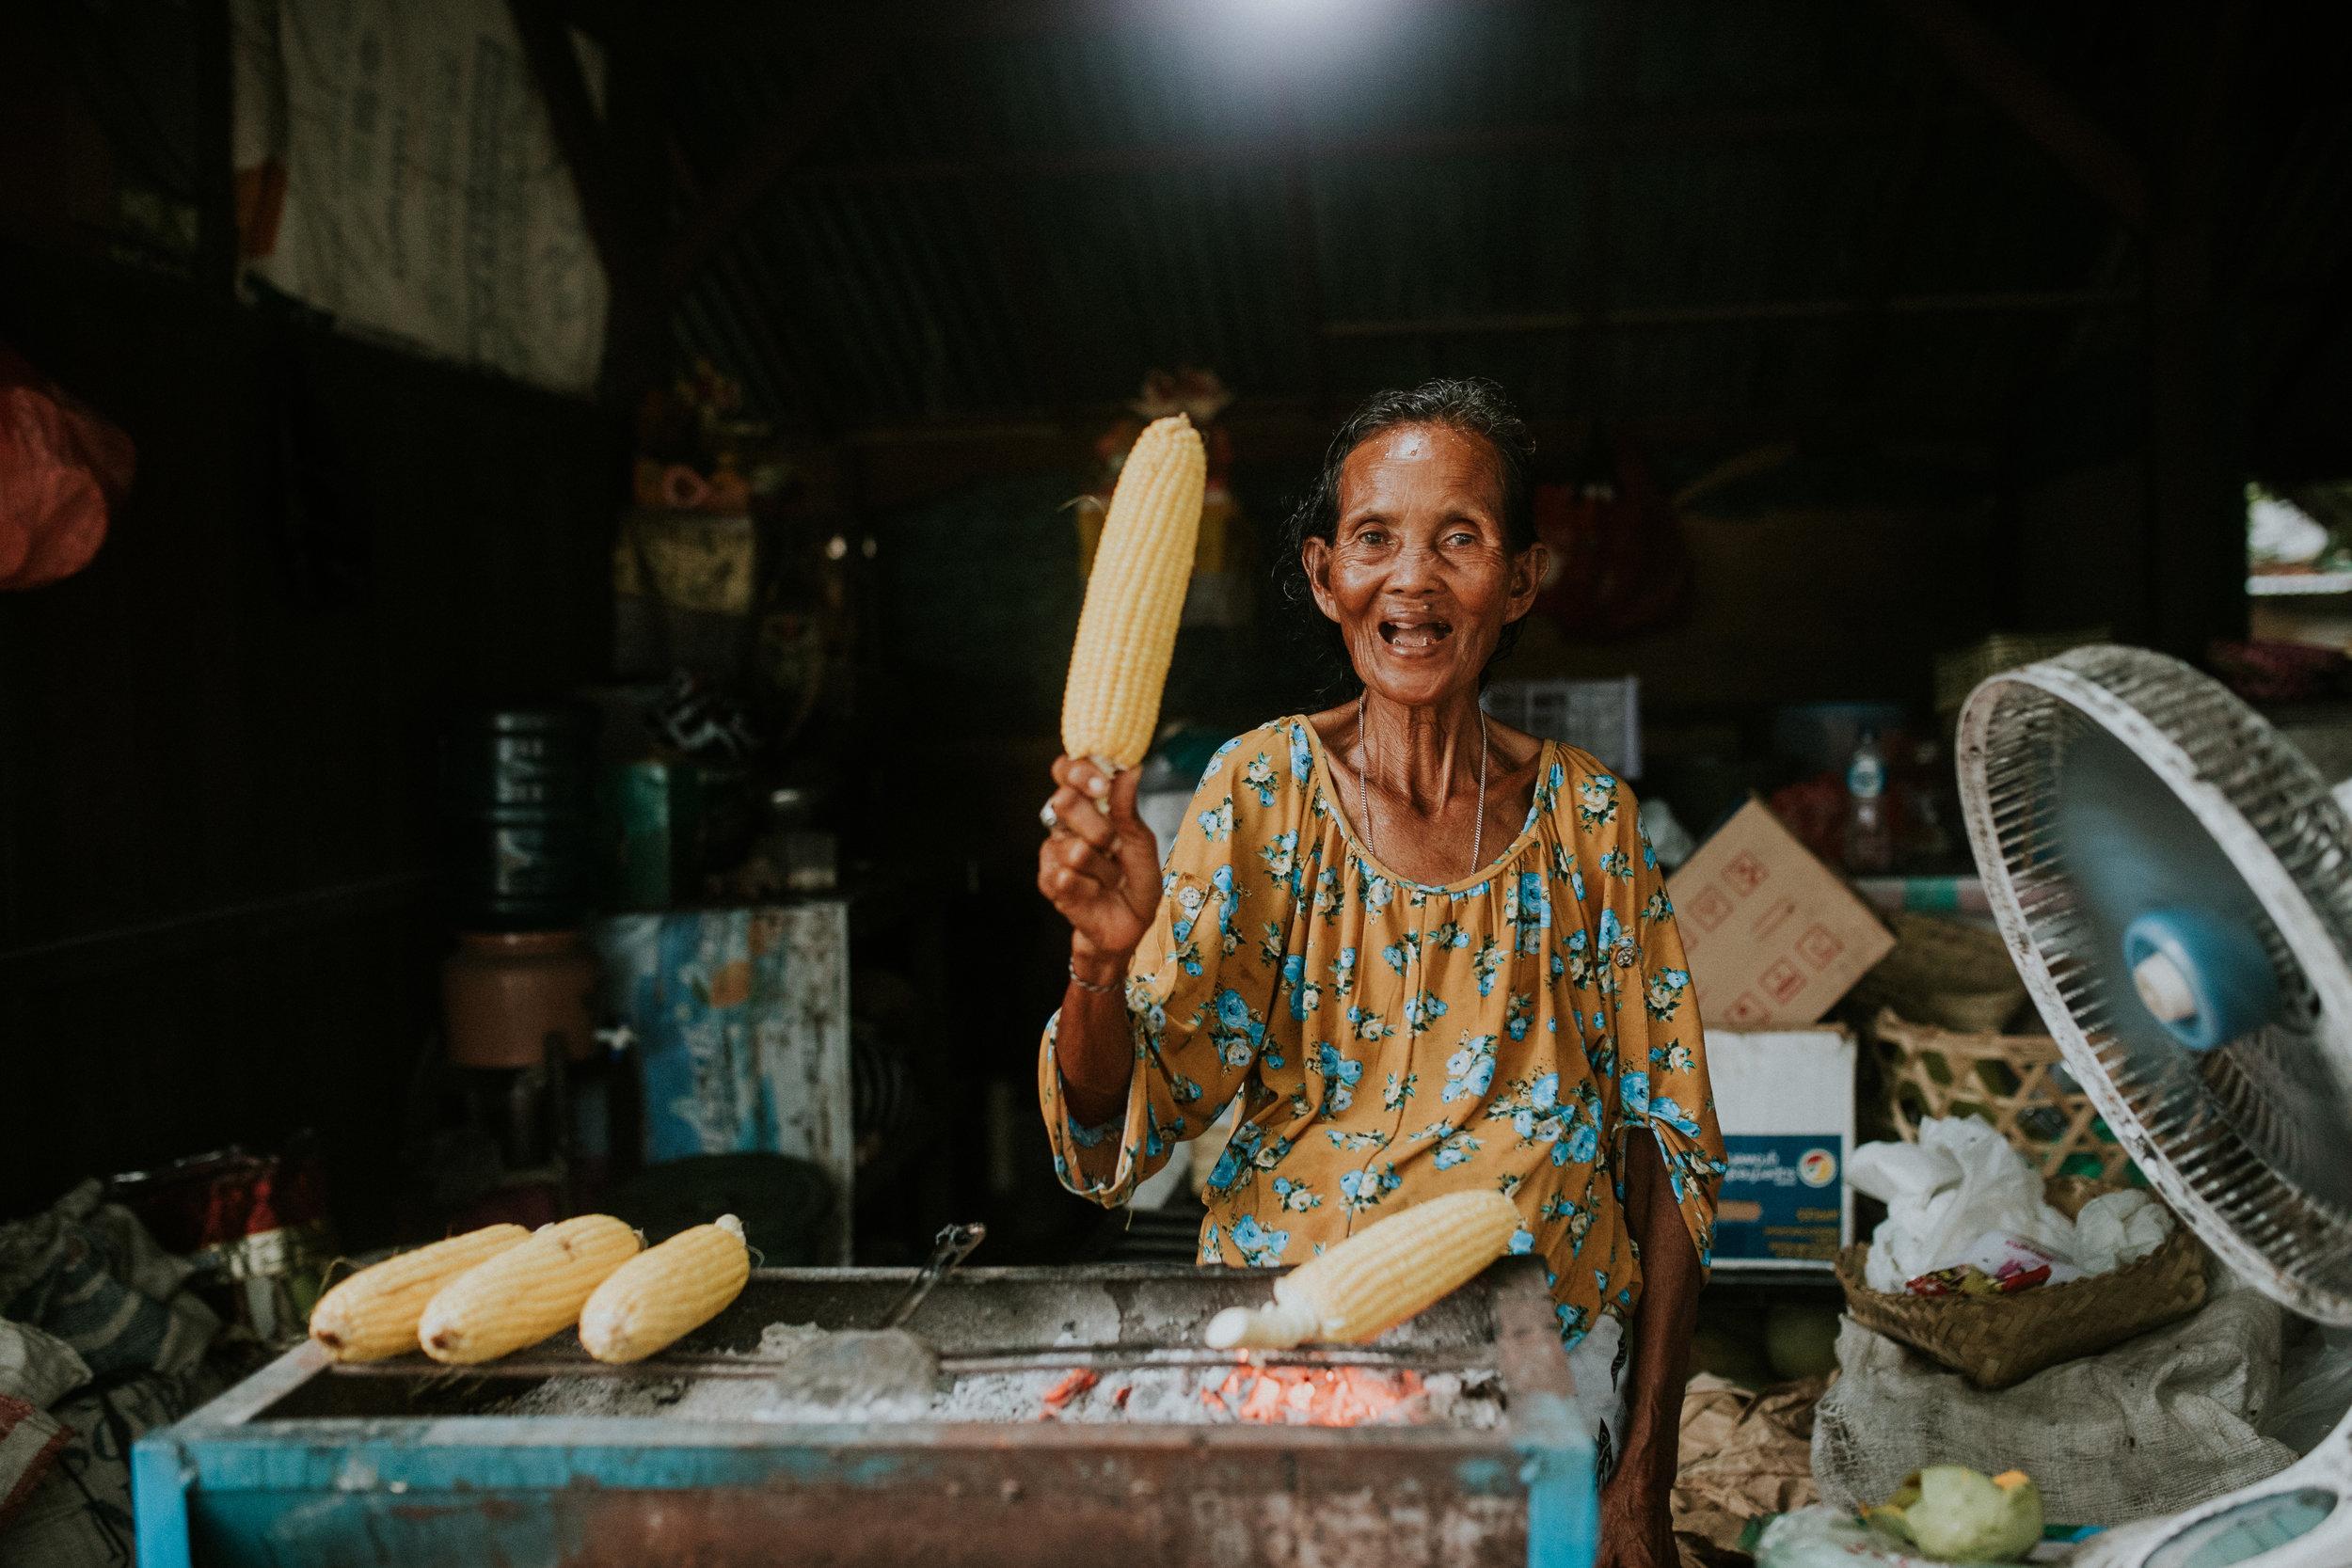 Foto: Stina Kase / Bali